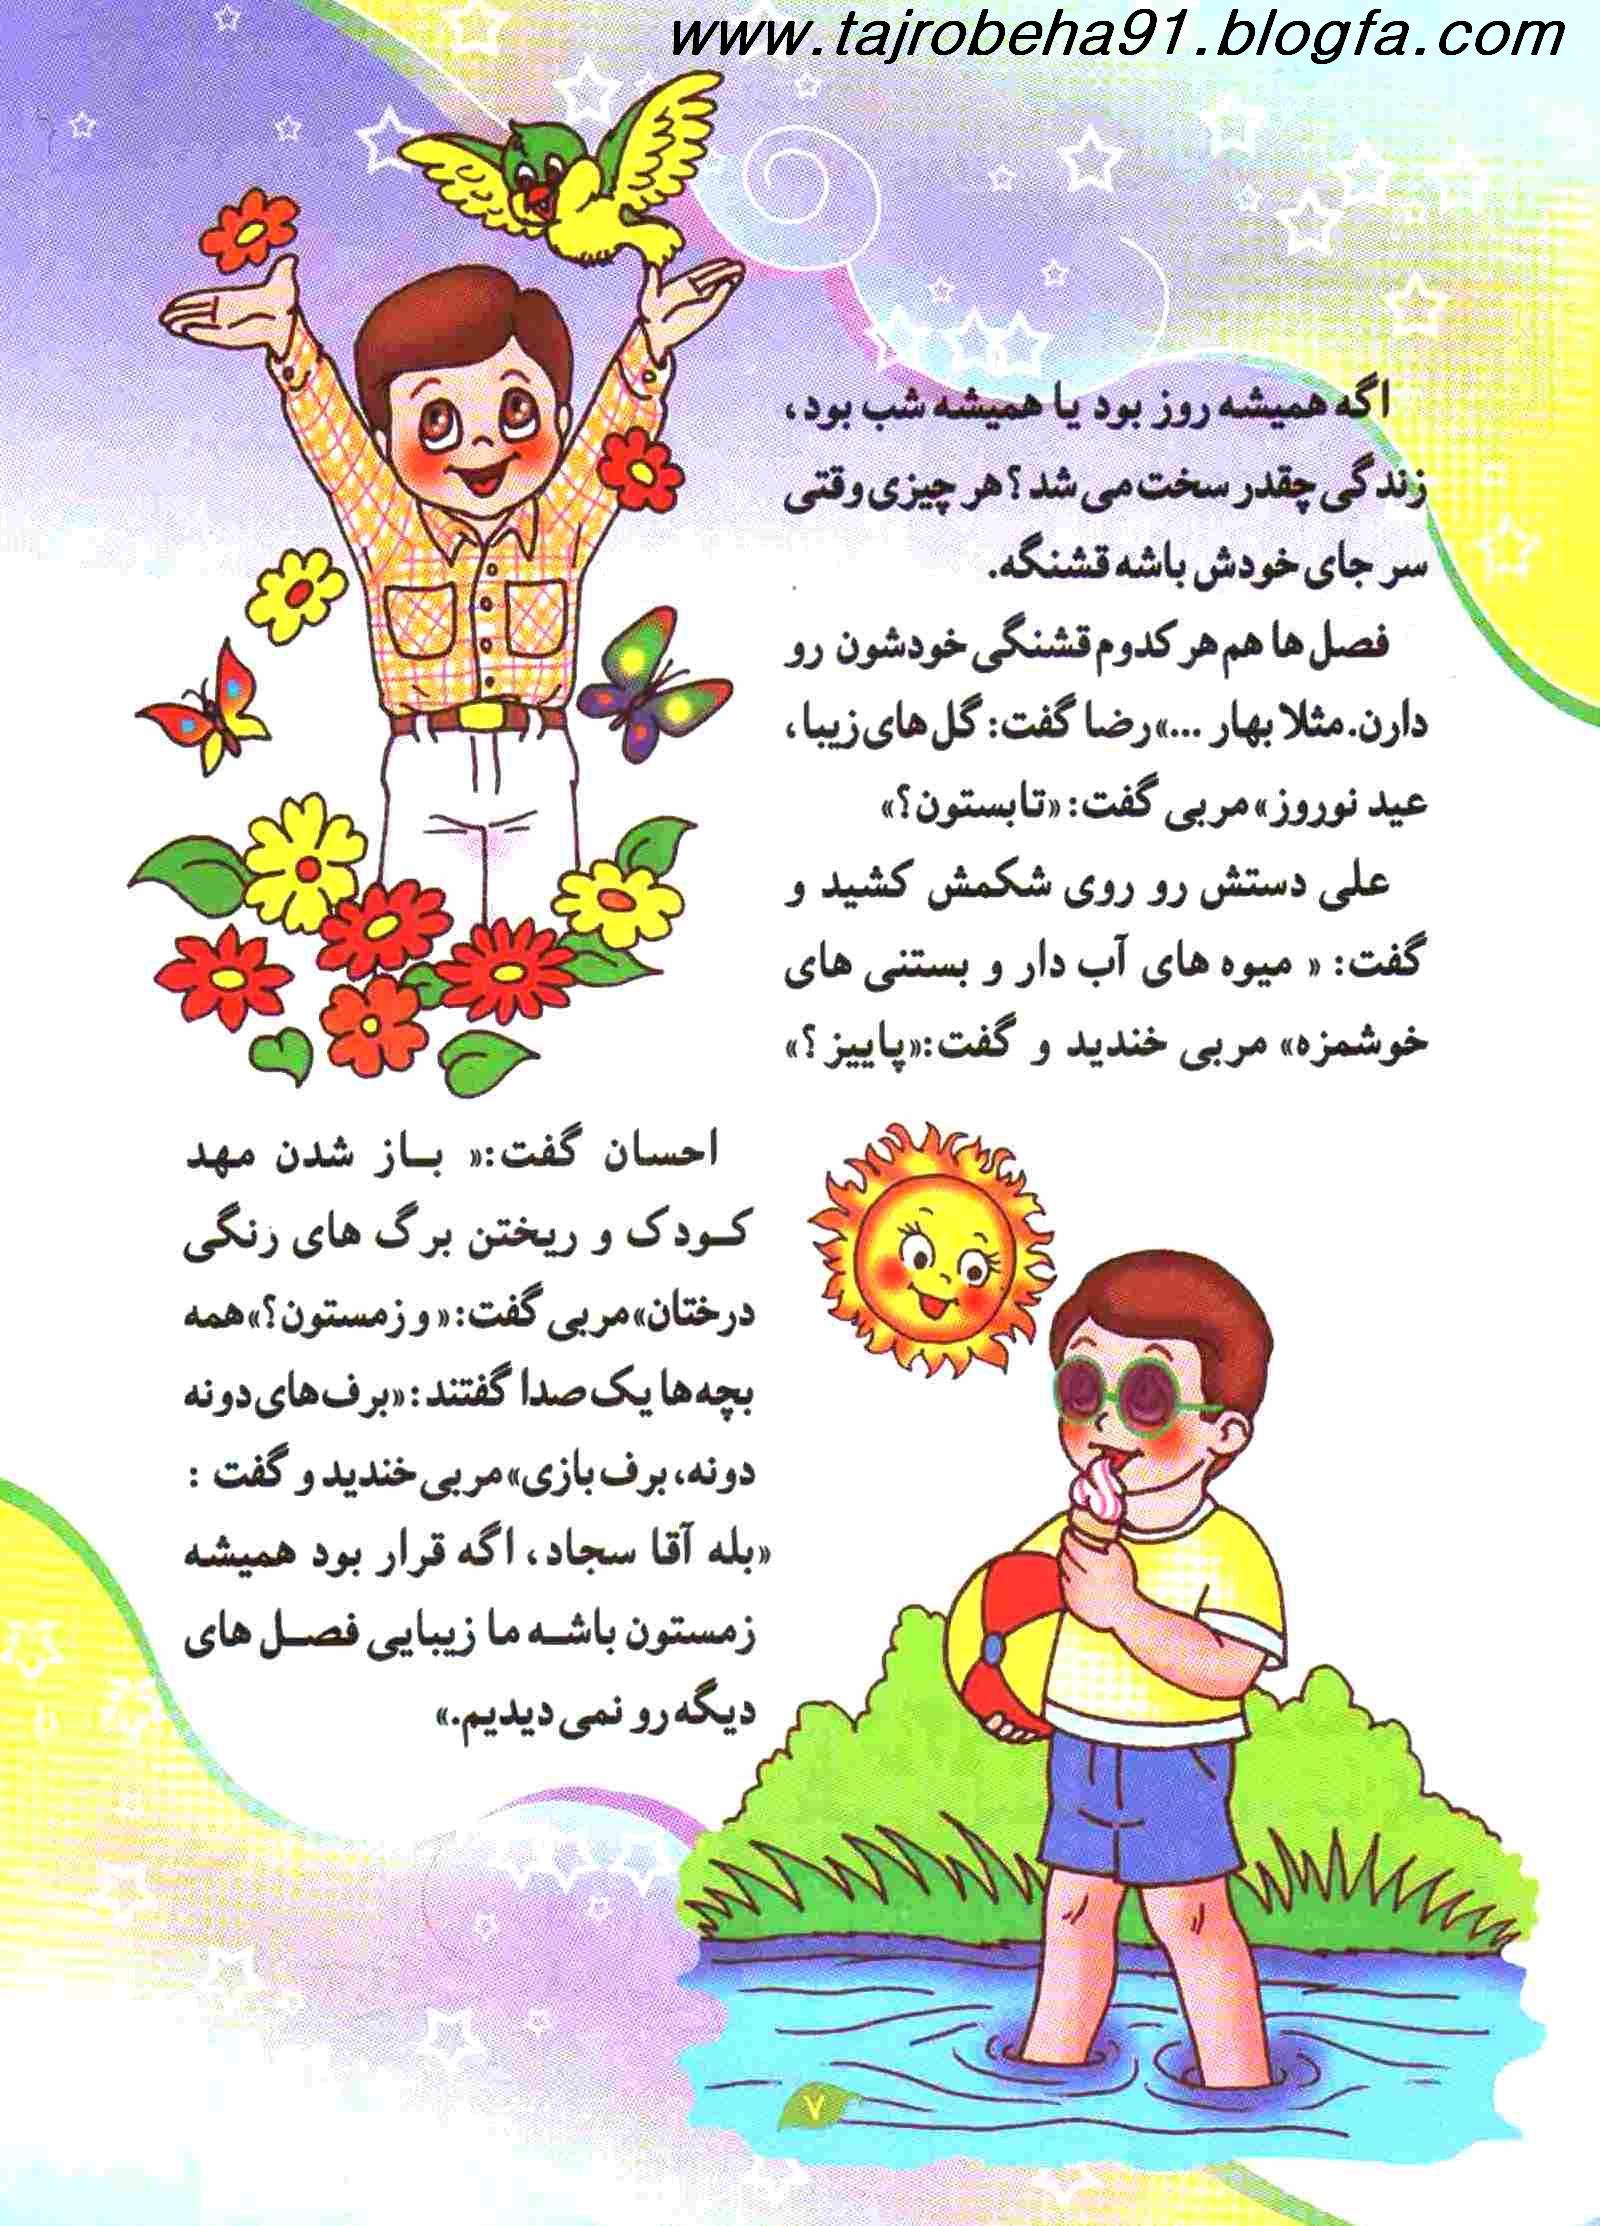 قصه کودکانه سوره توحید2